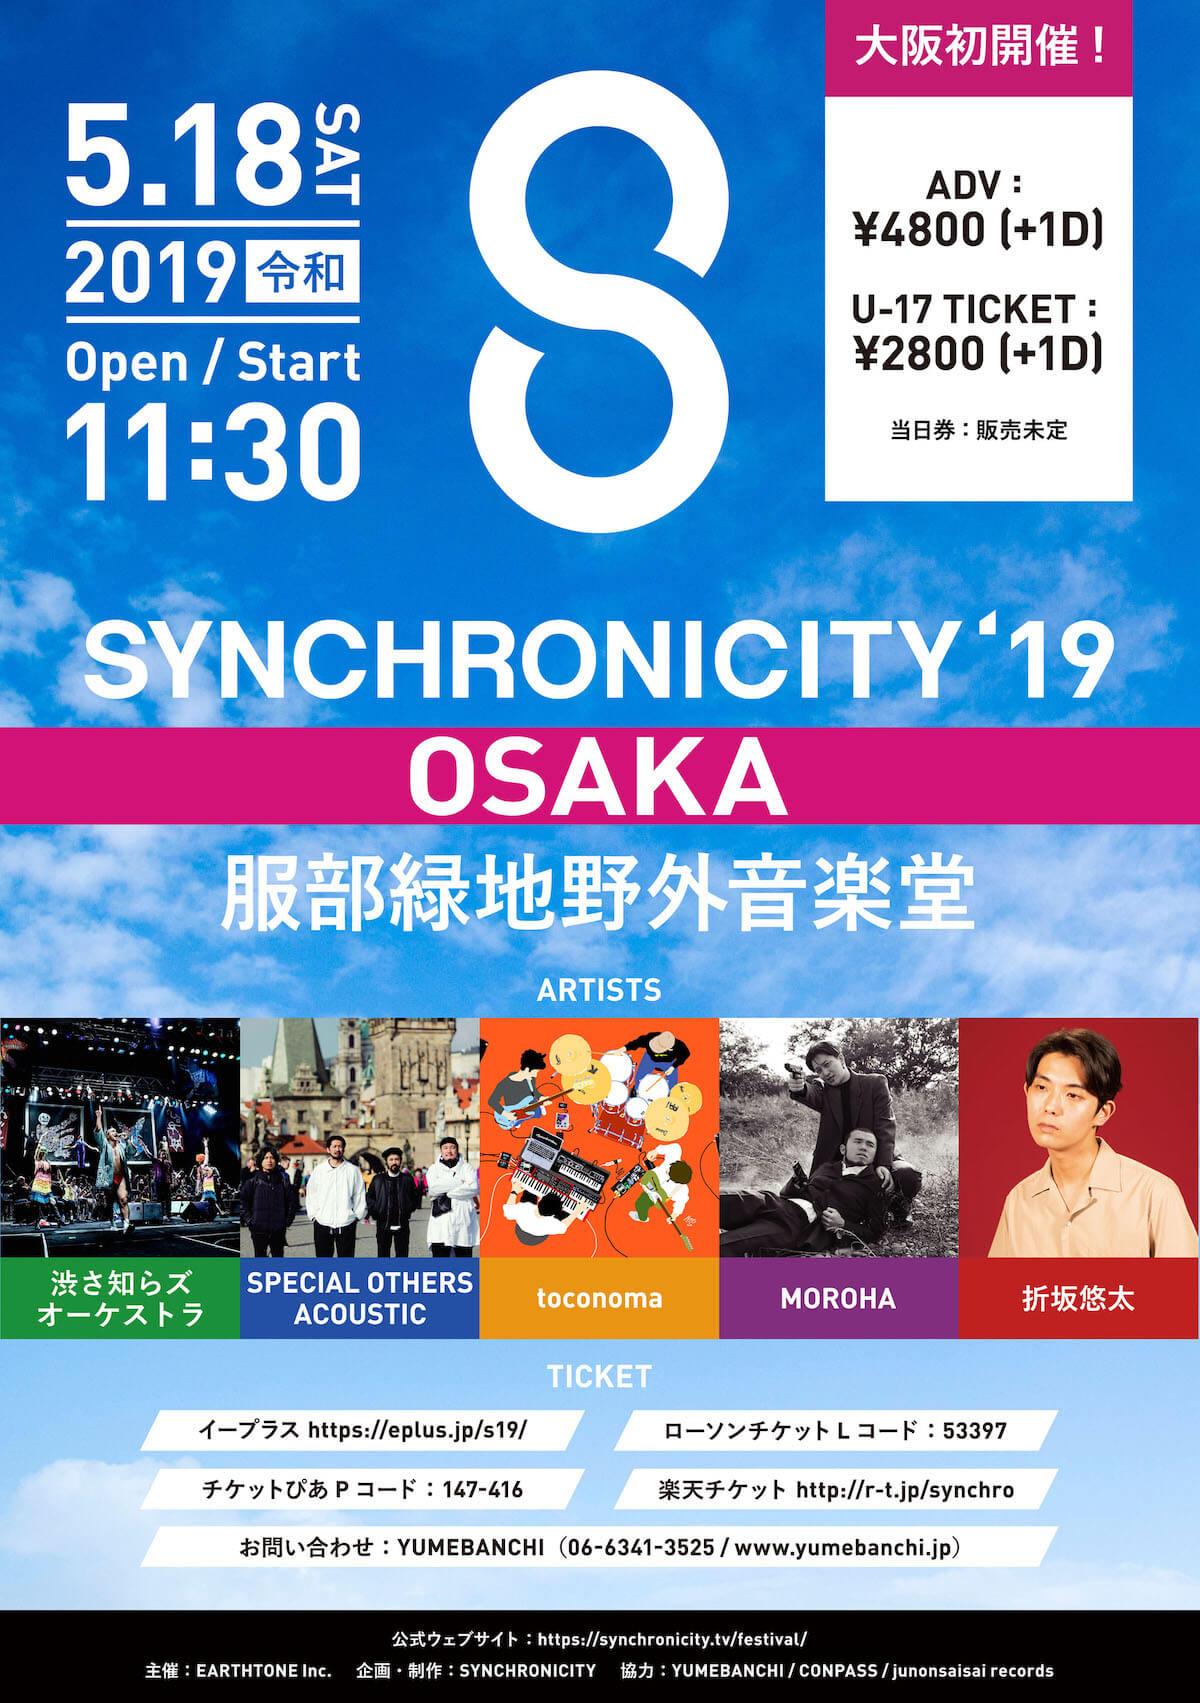 東京と同じく渋さ知らズオーケストラがトリ!<SYNCHRONICITY'19 OSAKA>のタイムテーブル発表 music190510-synchronicity-osaka_info